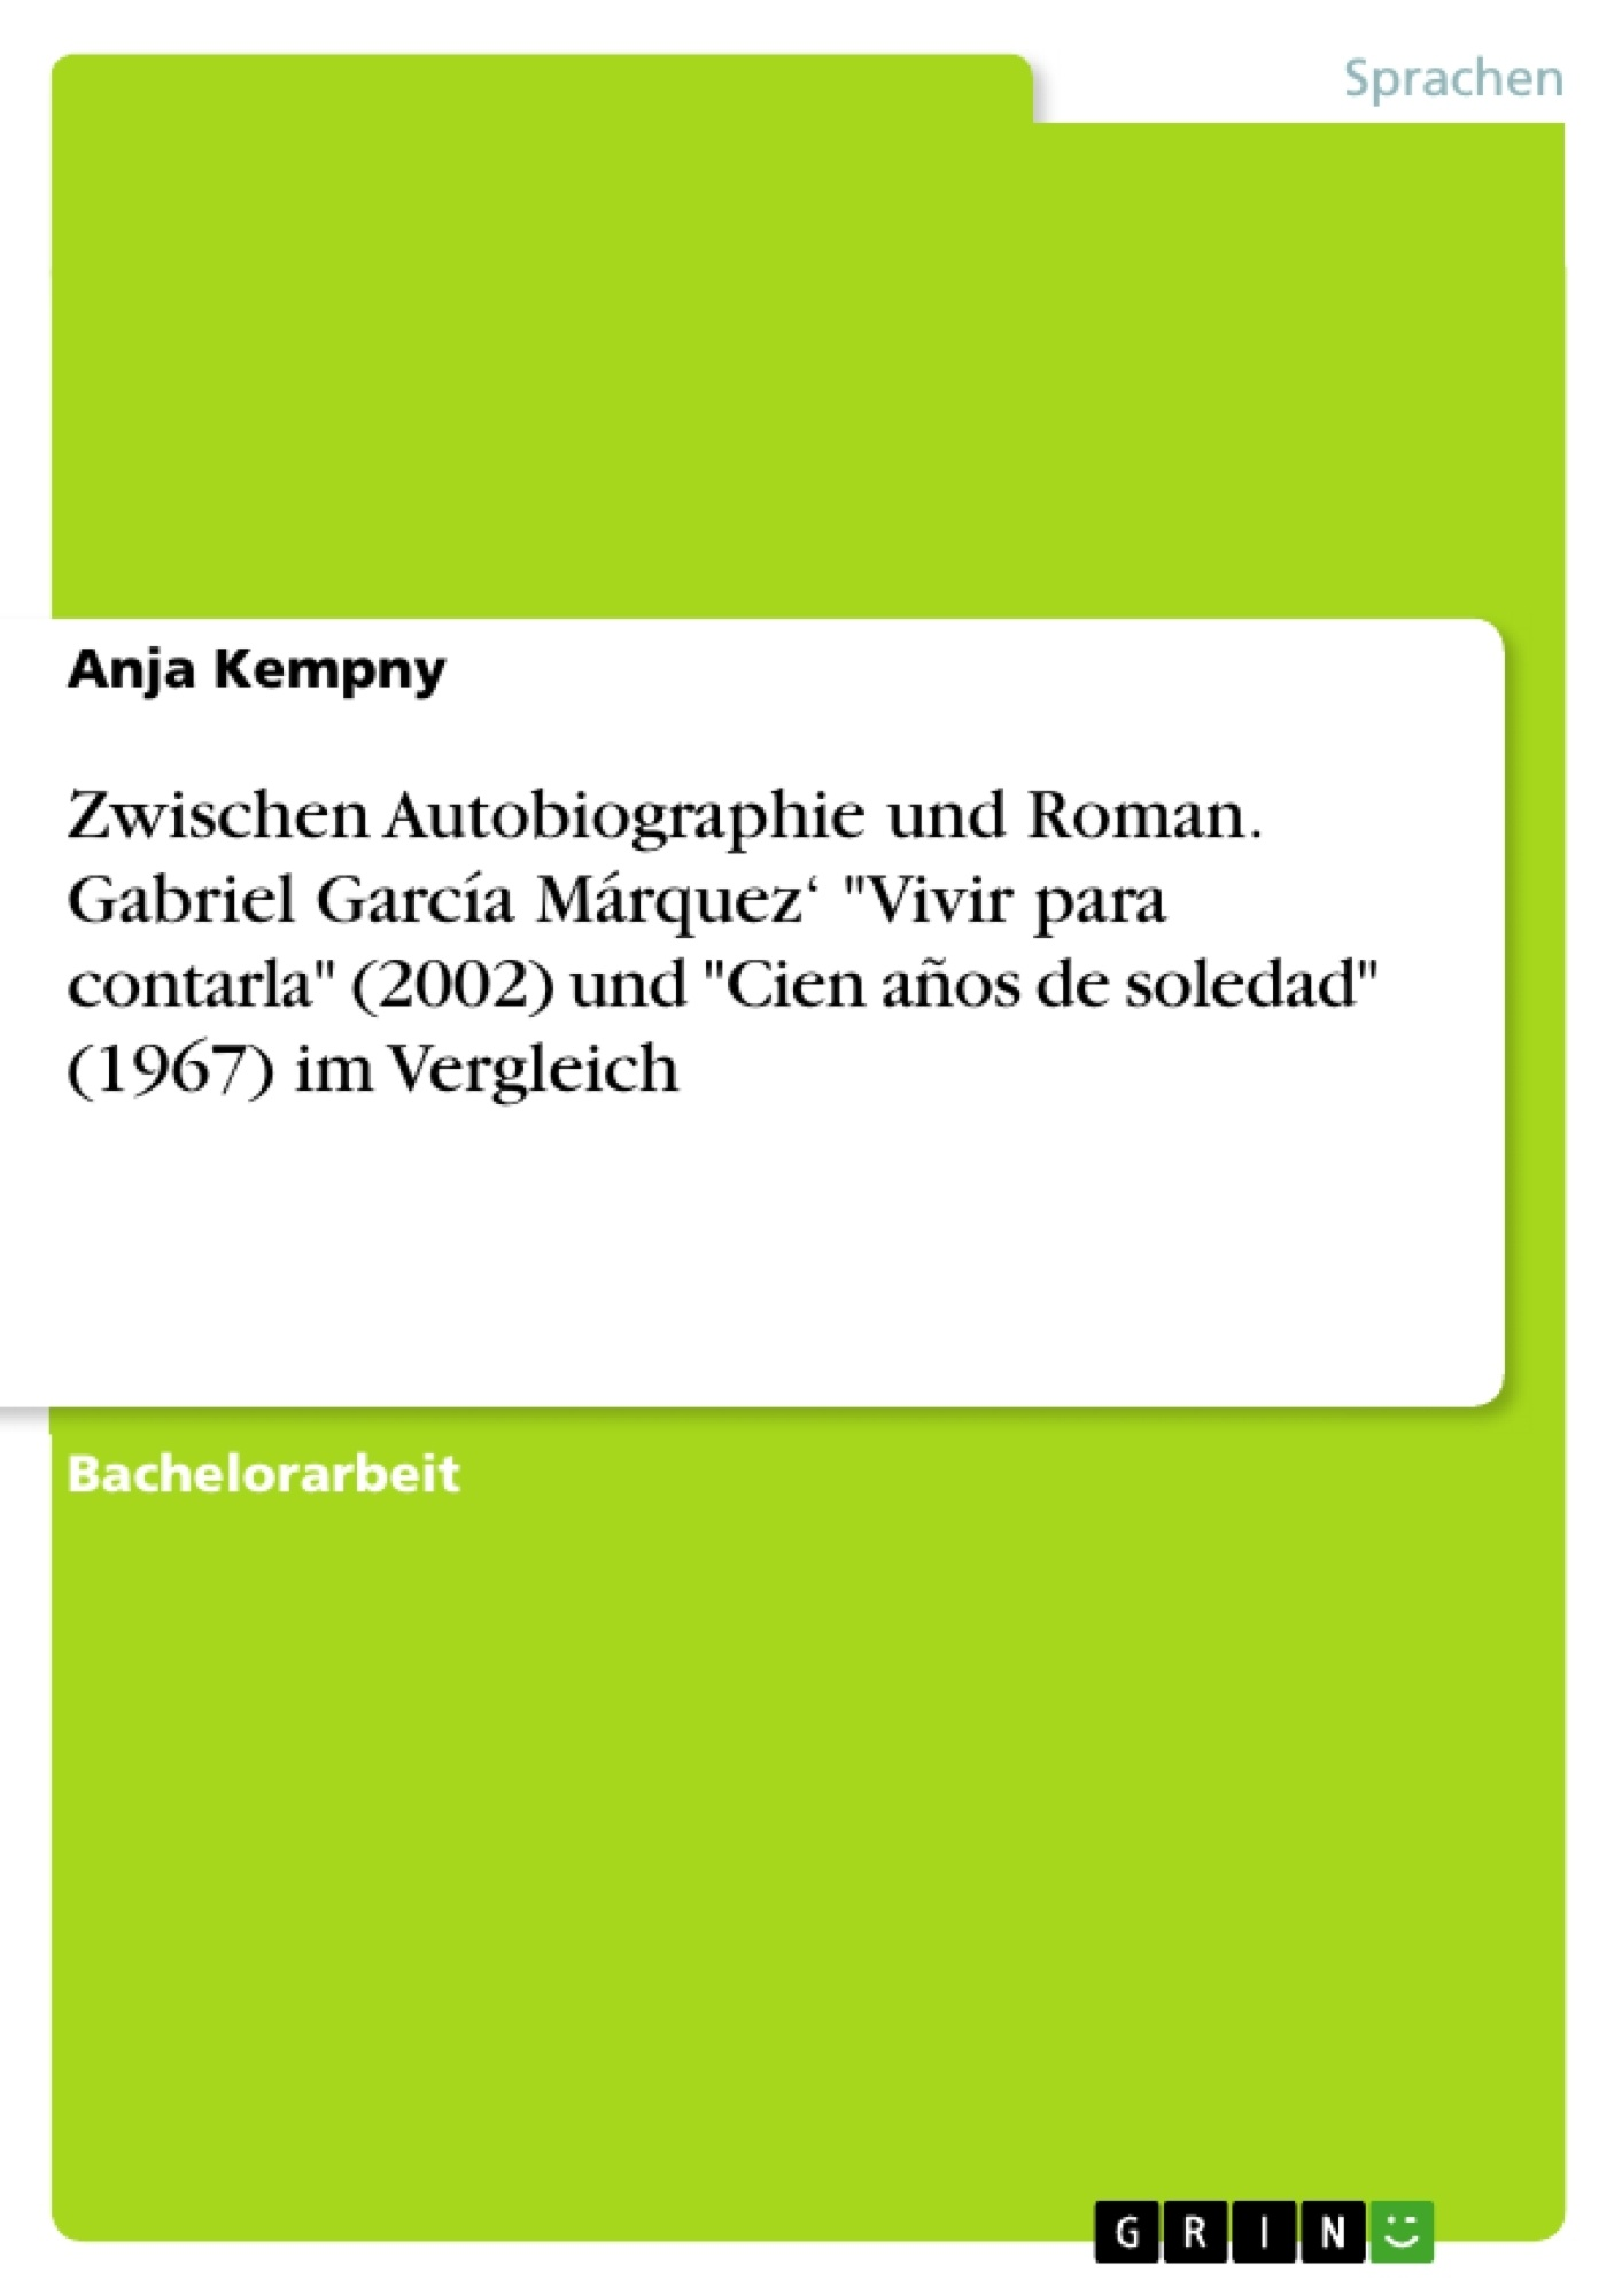 """Titel: Zwischen Autobiographie und Roman. Gabriel García Márquez' """"Vivir para contarla"""" (2002) und """"Cien años de soledad"""" (1967) im Vergleich"""